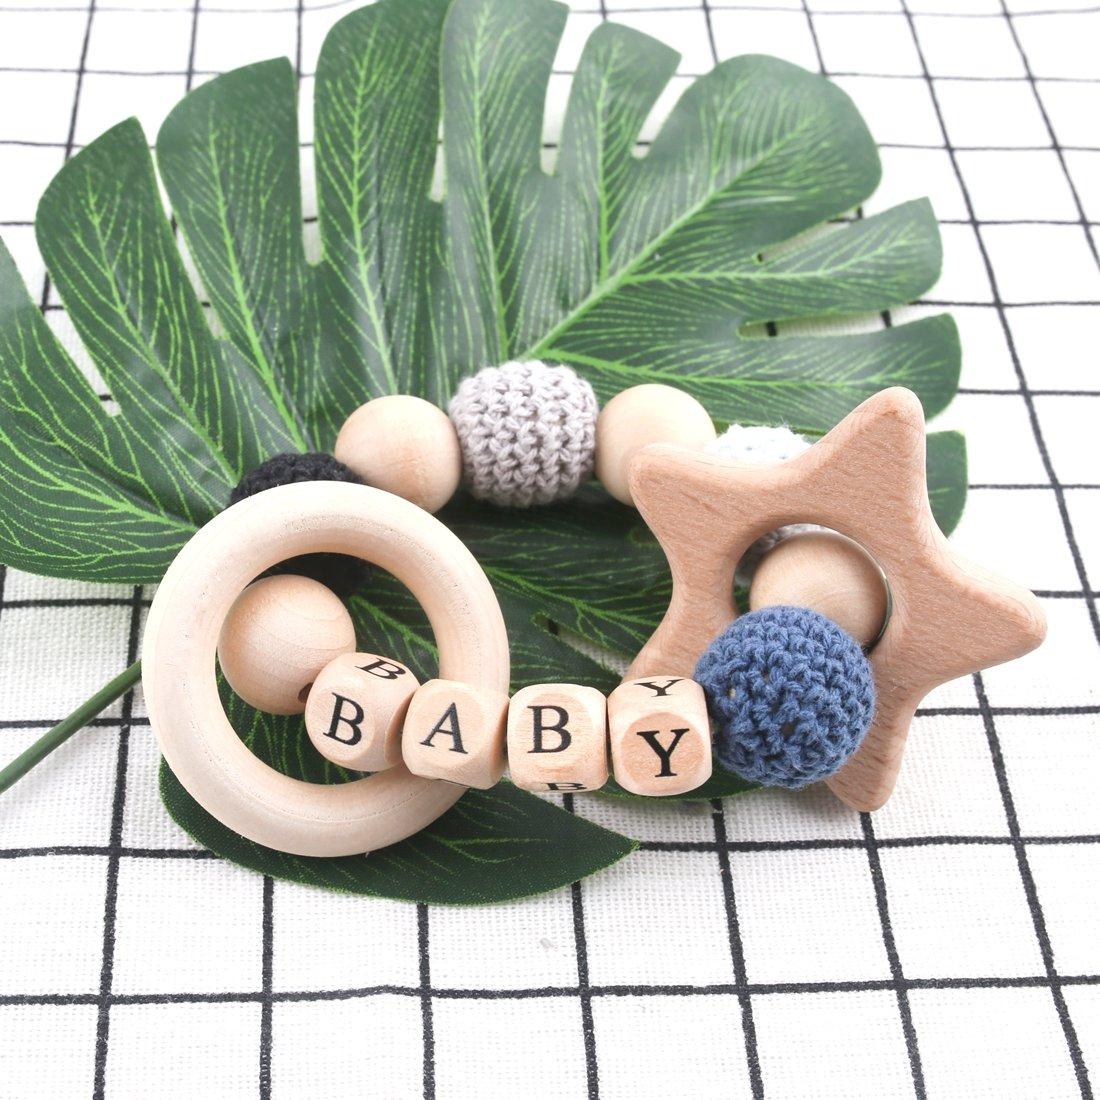 Mamimami Home Baby Holz Beißring Blume Geformt Ahorn Holz Organische